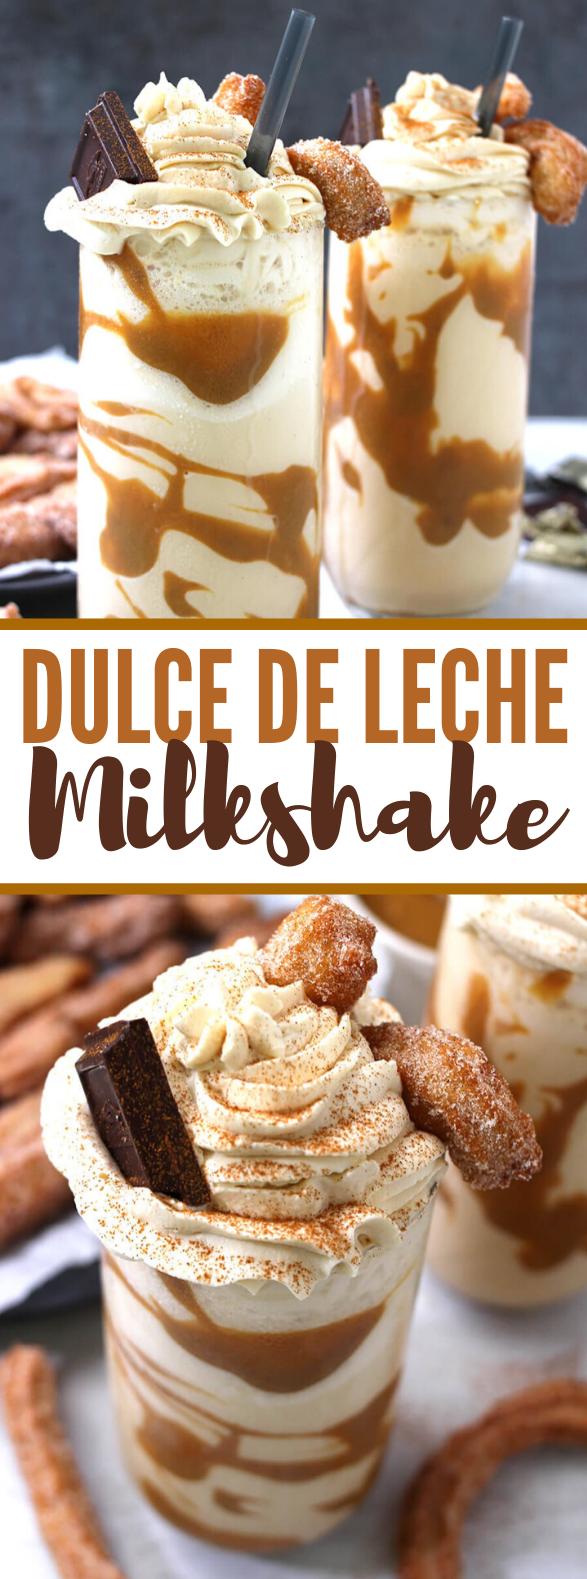 DULCE DE LECHE MILKSHAKE #drinks #sweets